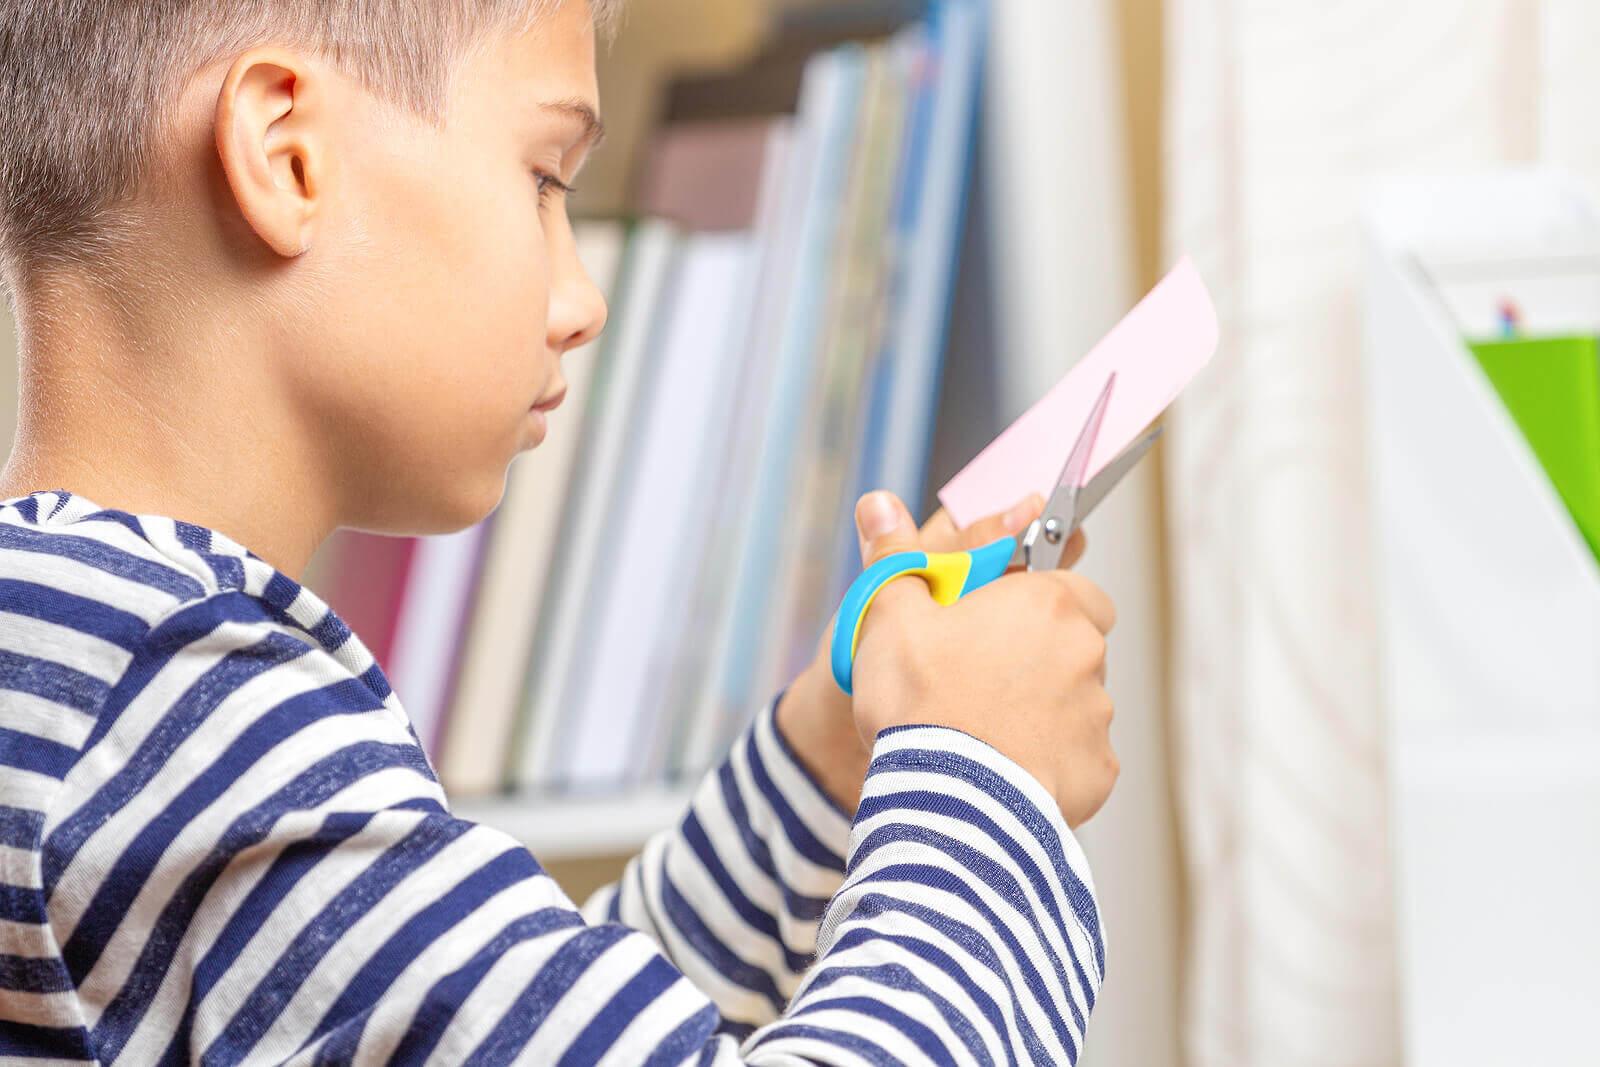 Criança fazendo um dos artesanatos com cartolina.